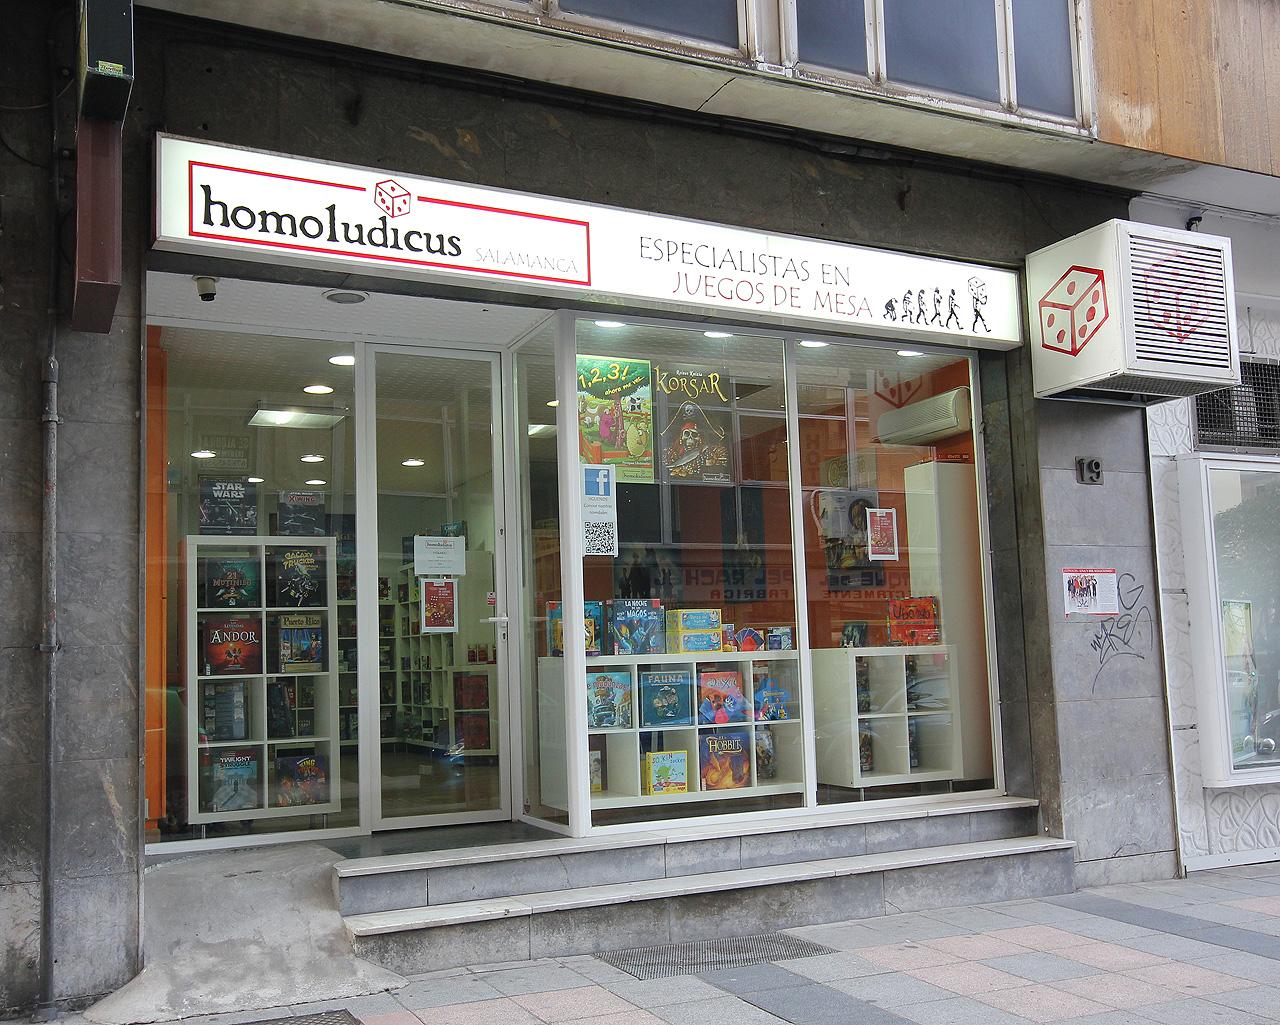 Homoludicus Tienda de juegos de mesa en Salamanca fachada